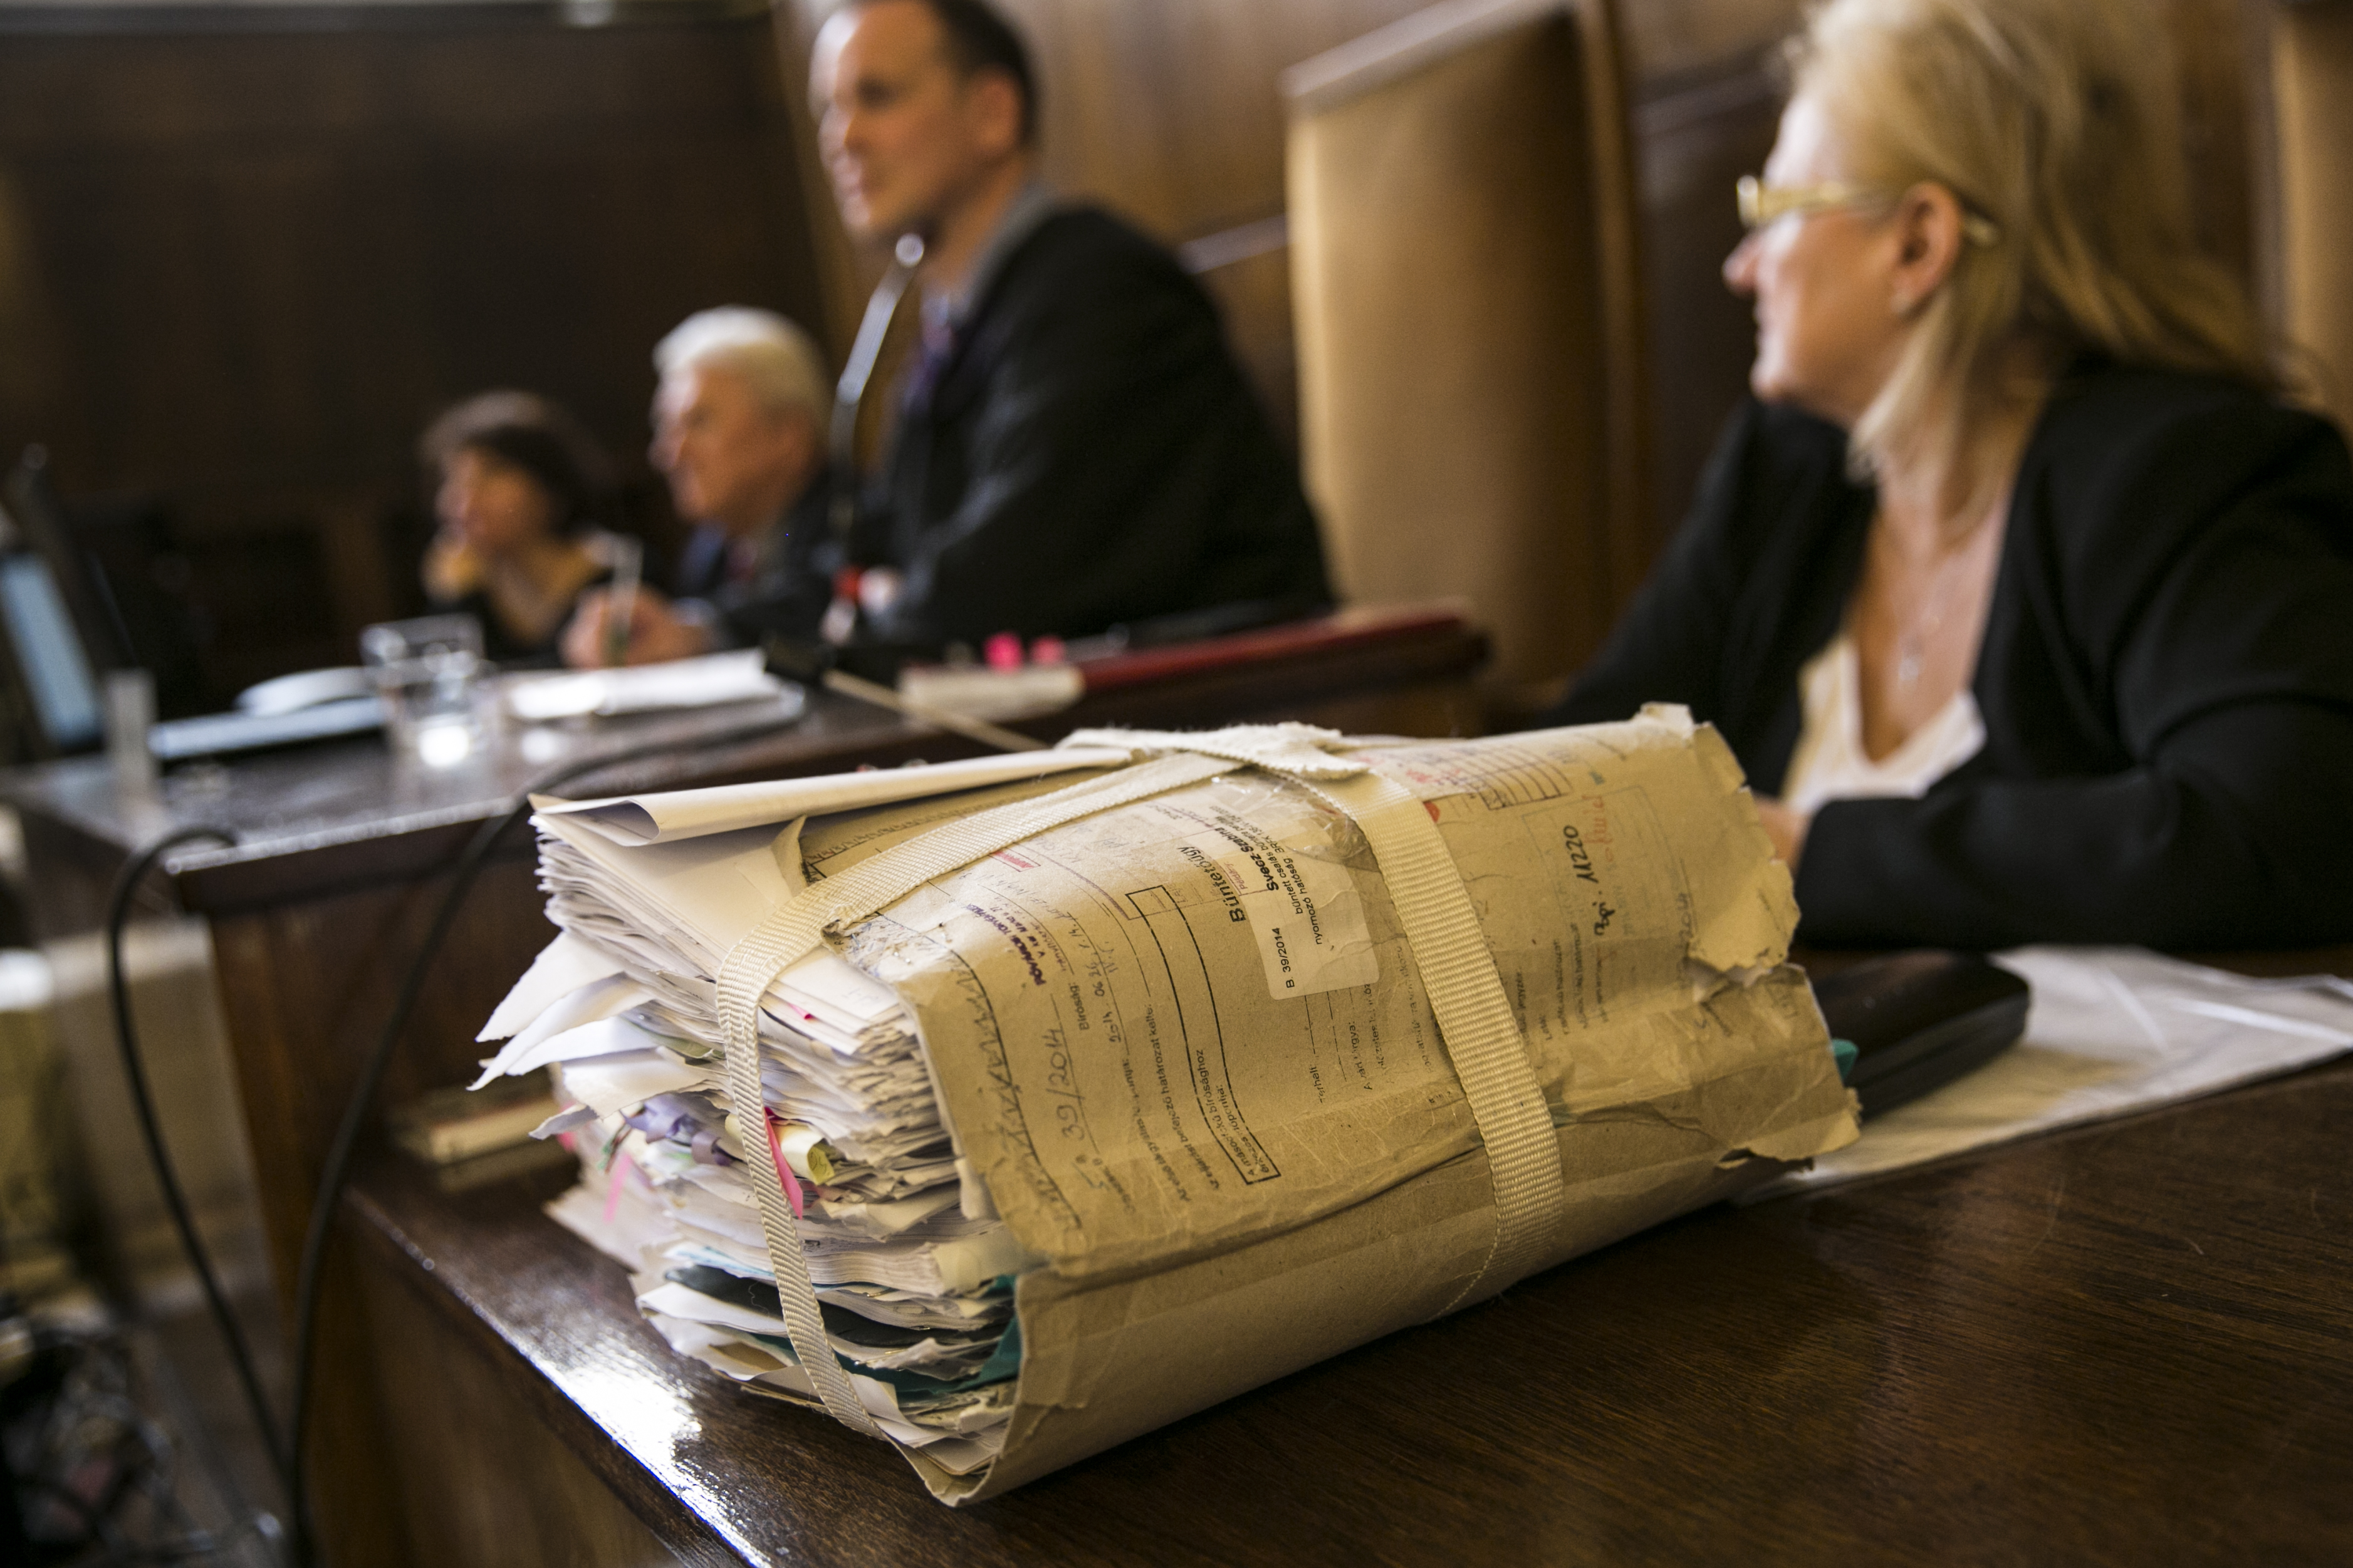 A kormány most fontos ügyben engedett, de ettől még aligha adta fel a bíróságokért folytatott harcot